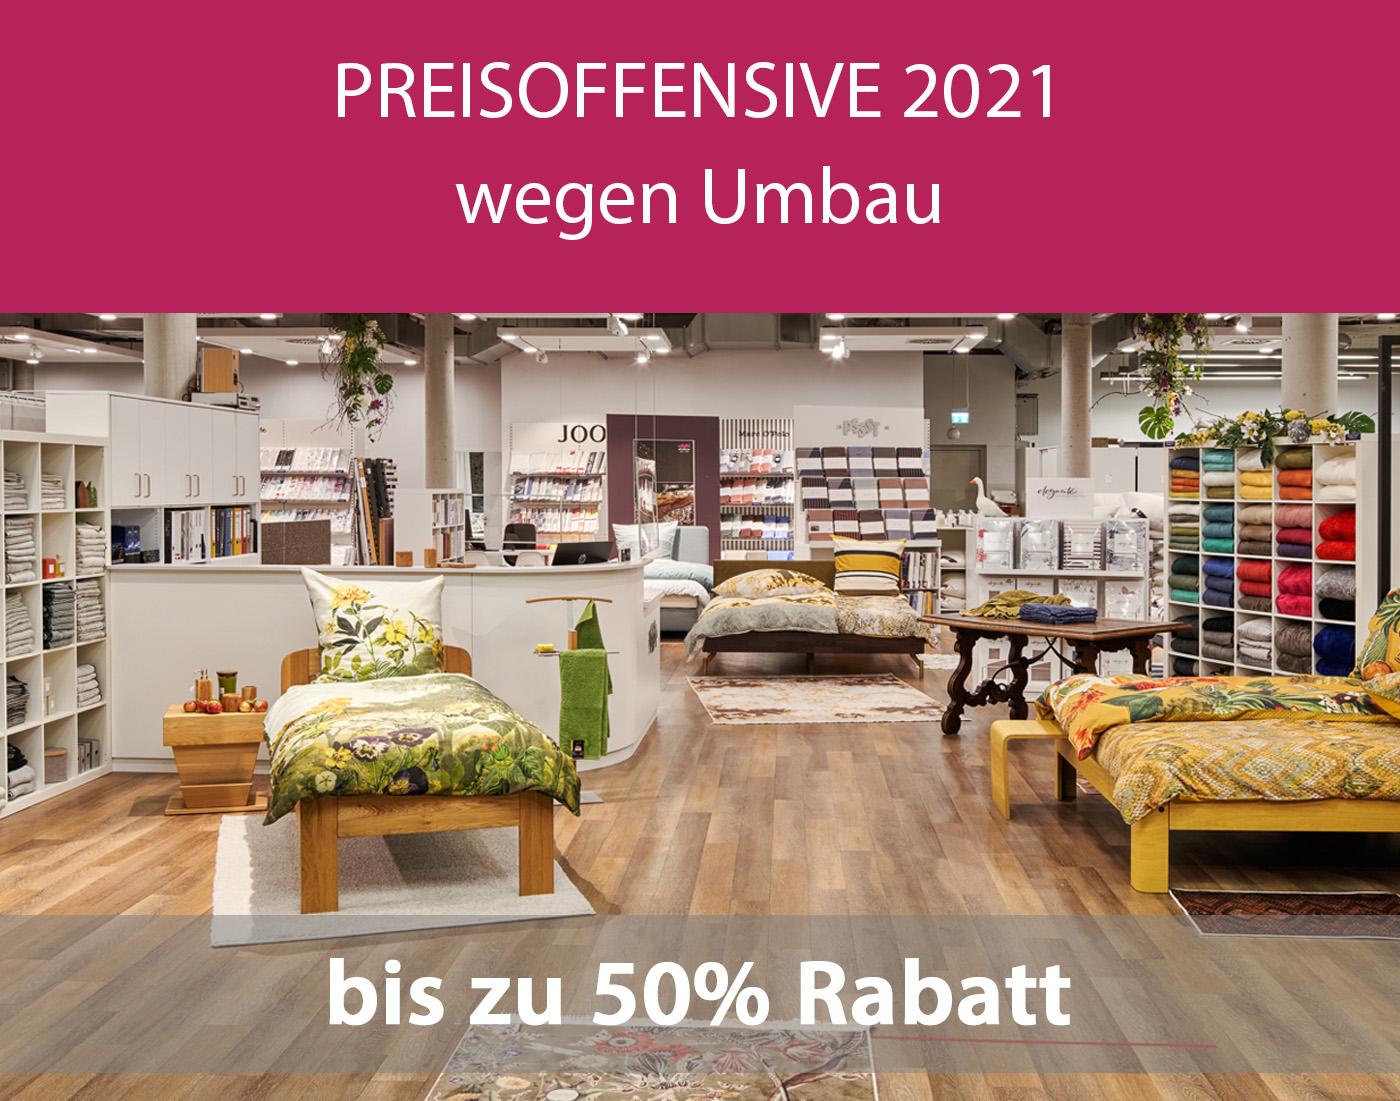 Preisoffensive 2021 wegen Umbau